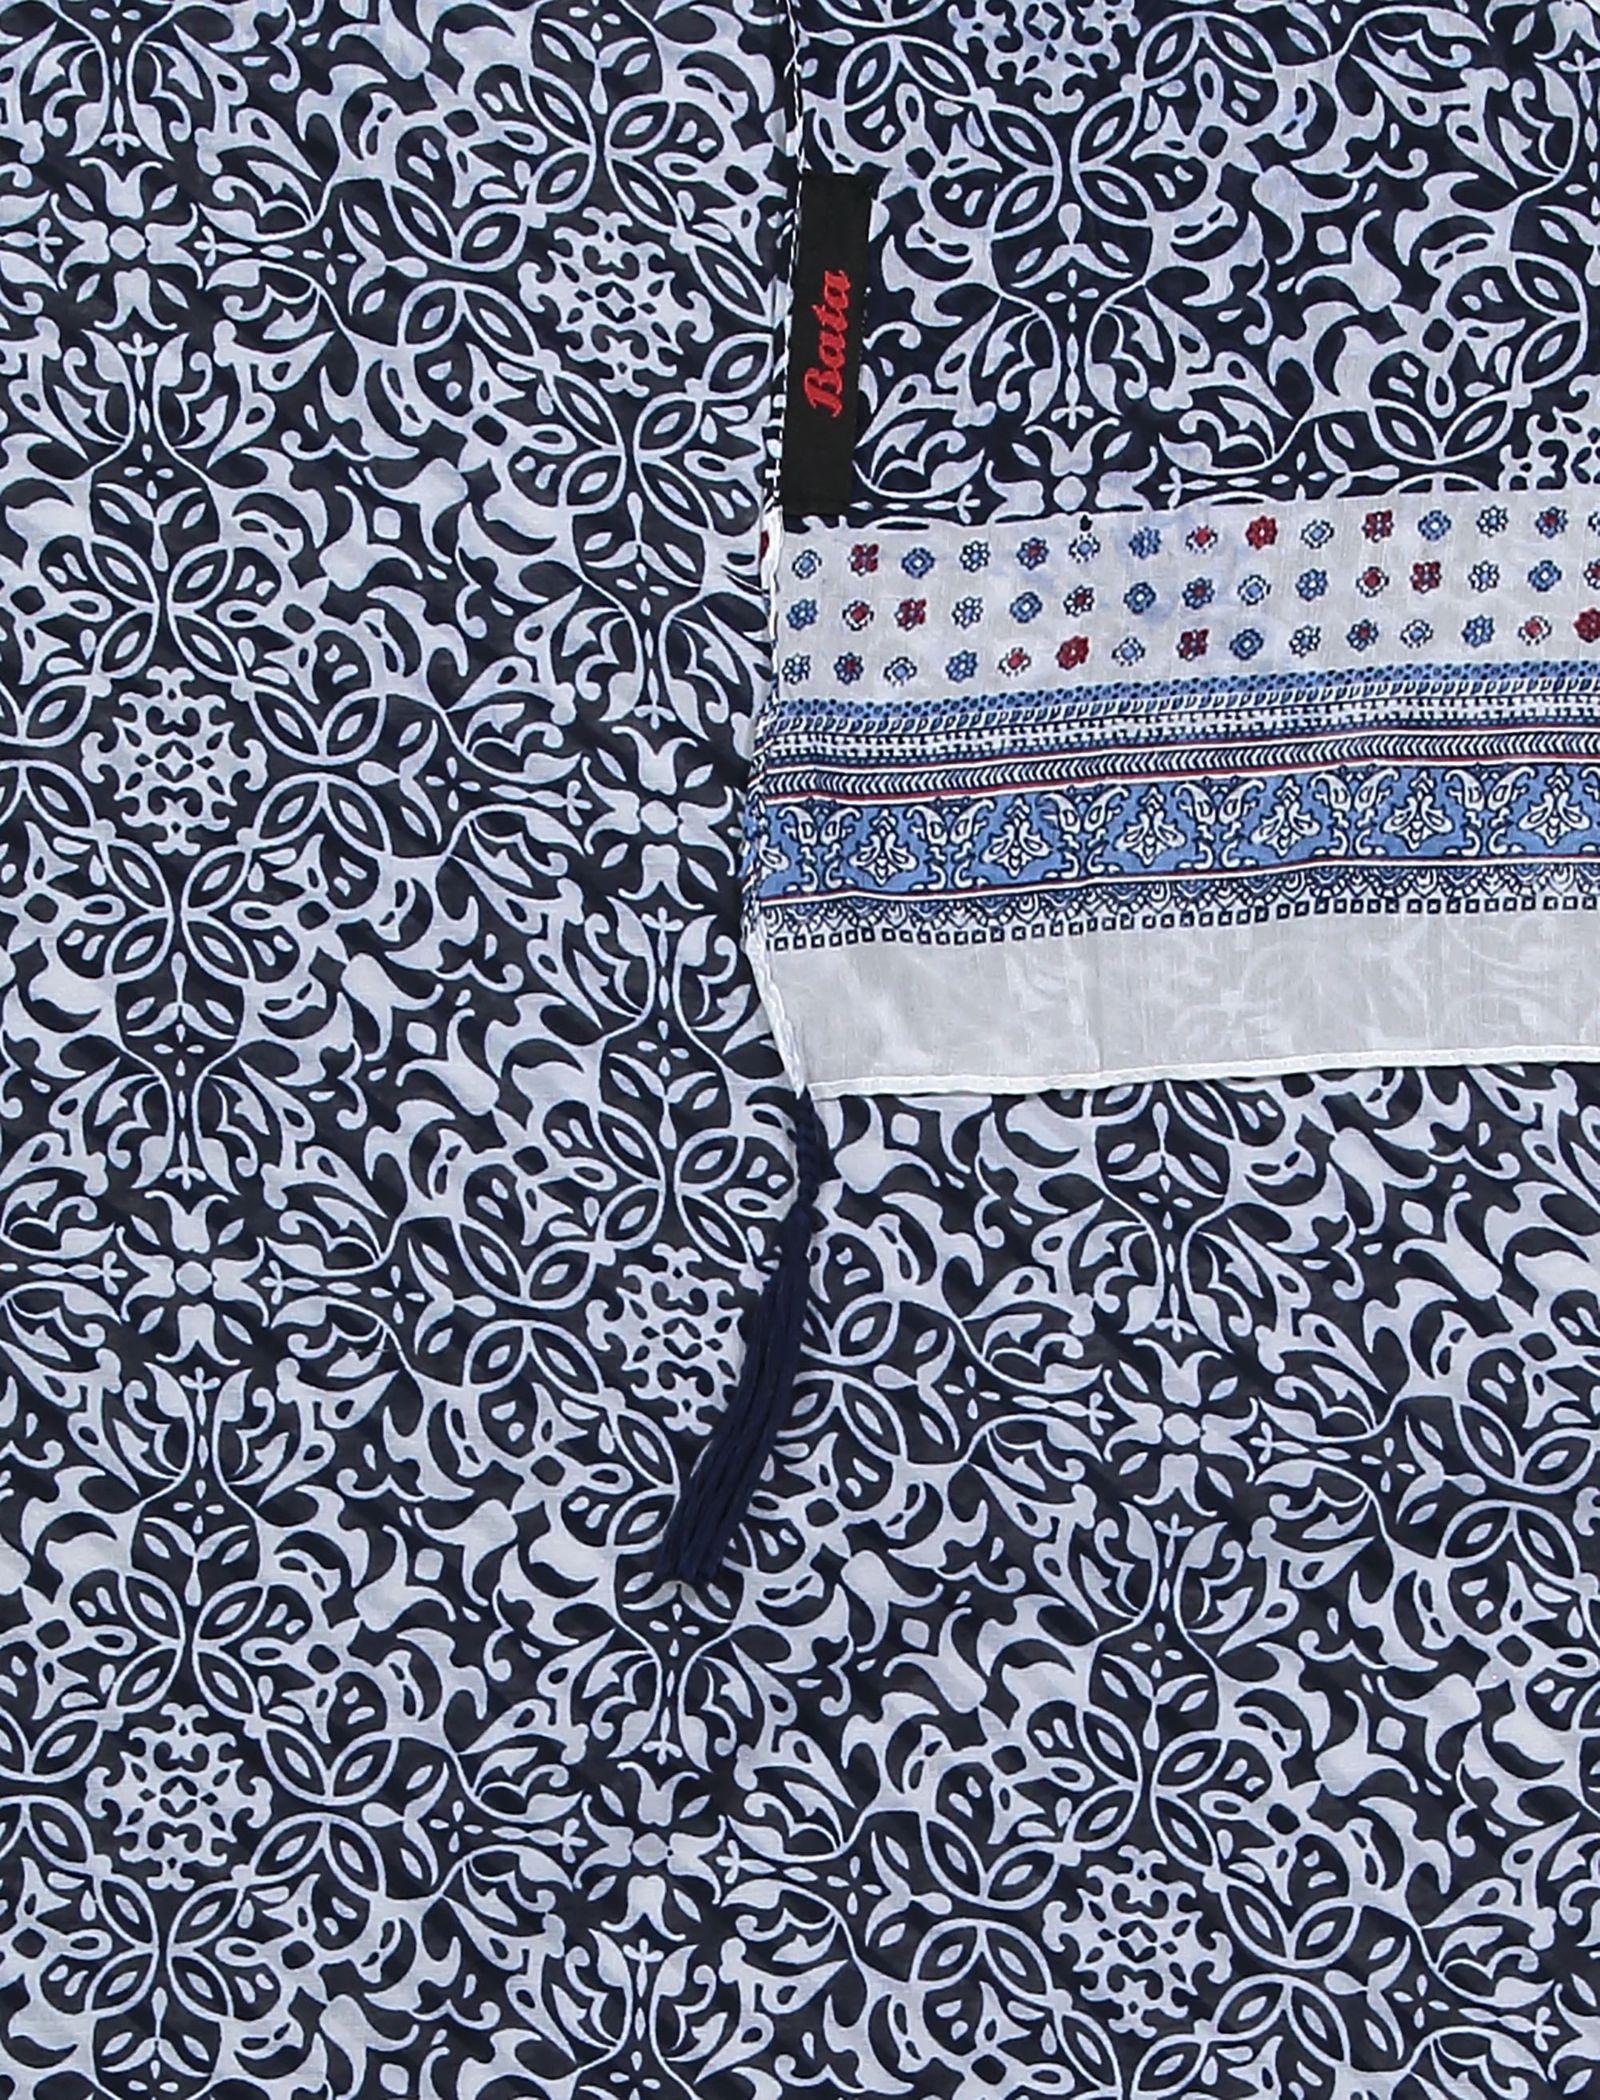 شال نخی طرح دار زنانه - باتا - سفيد و آبي - 2